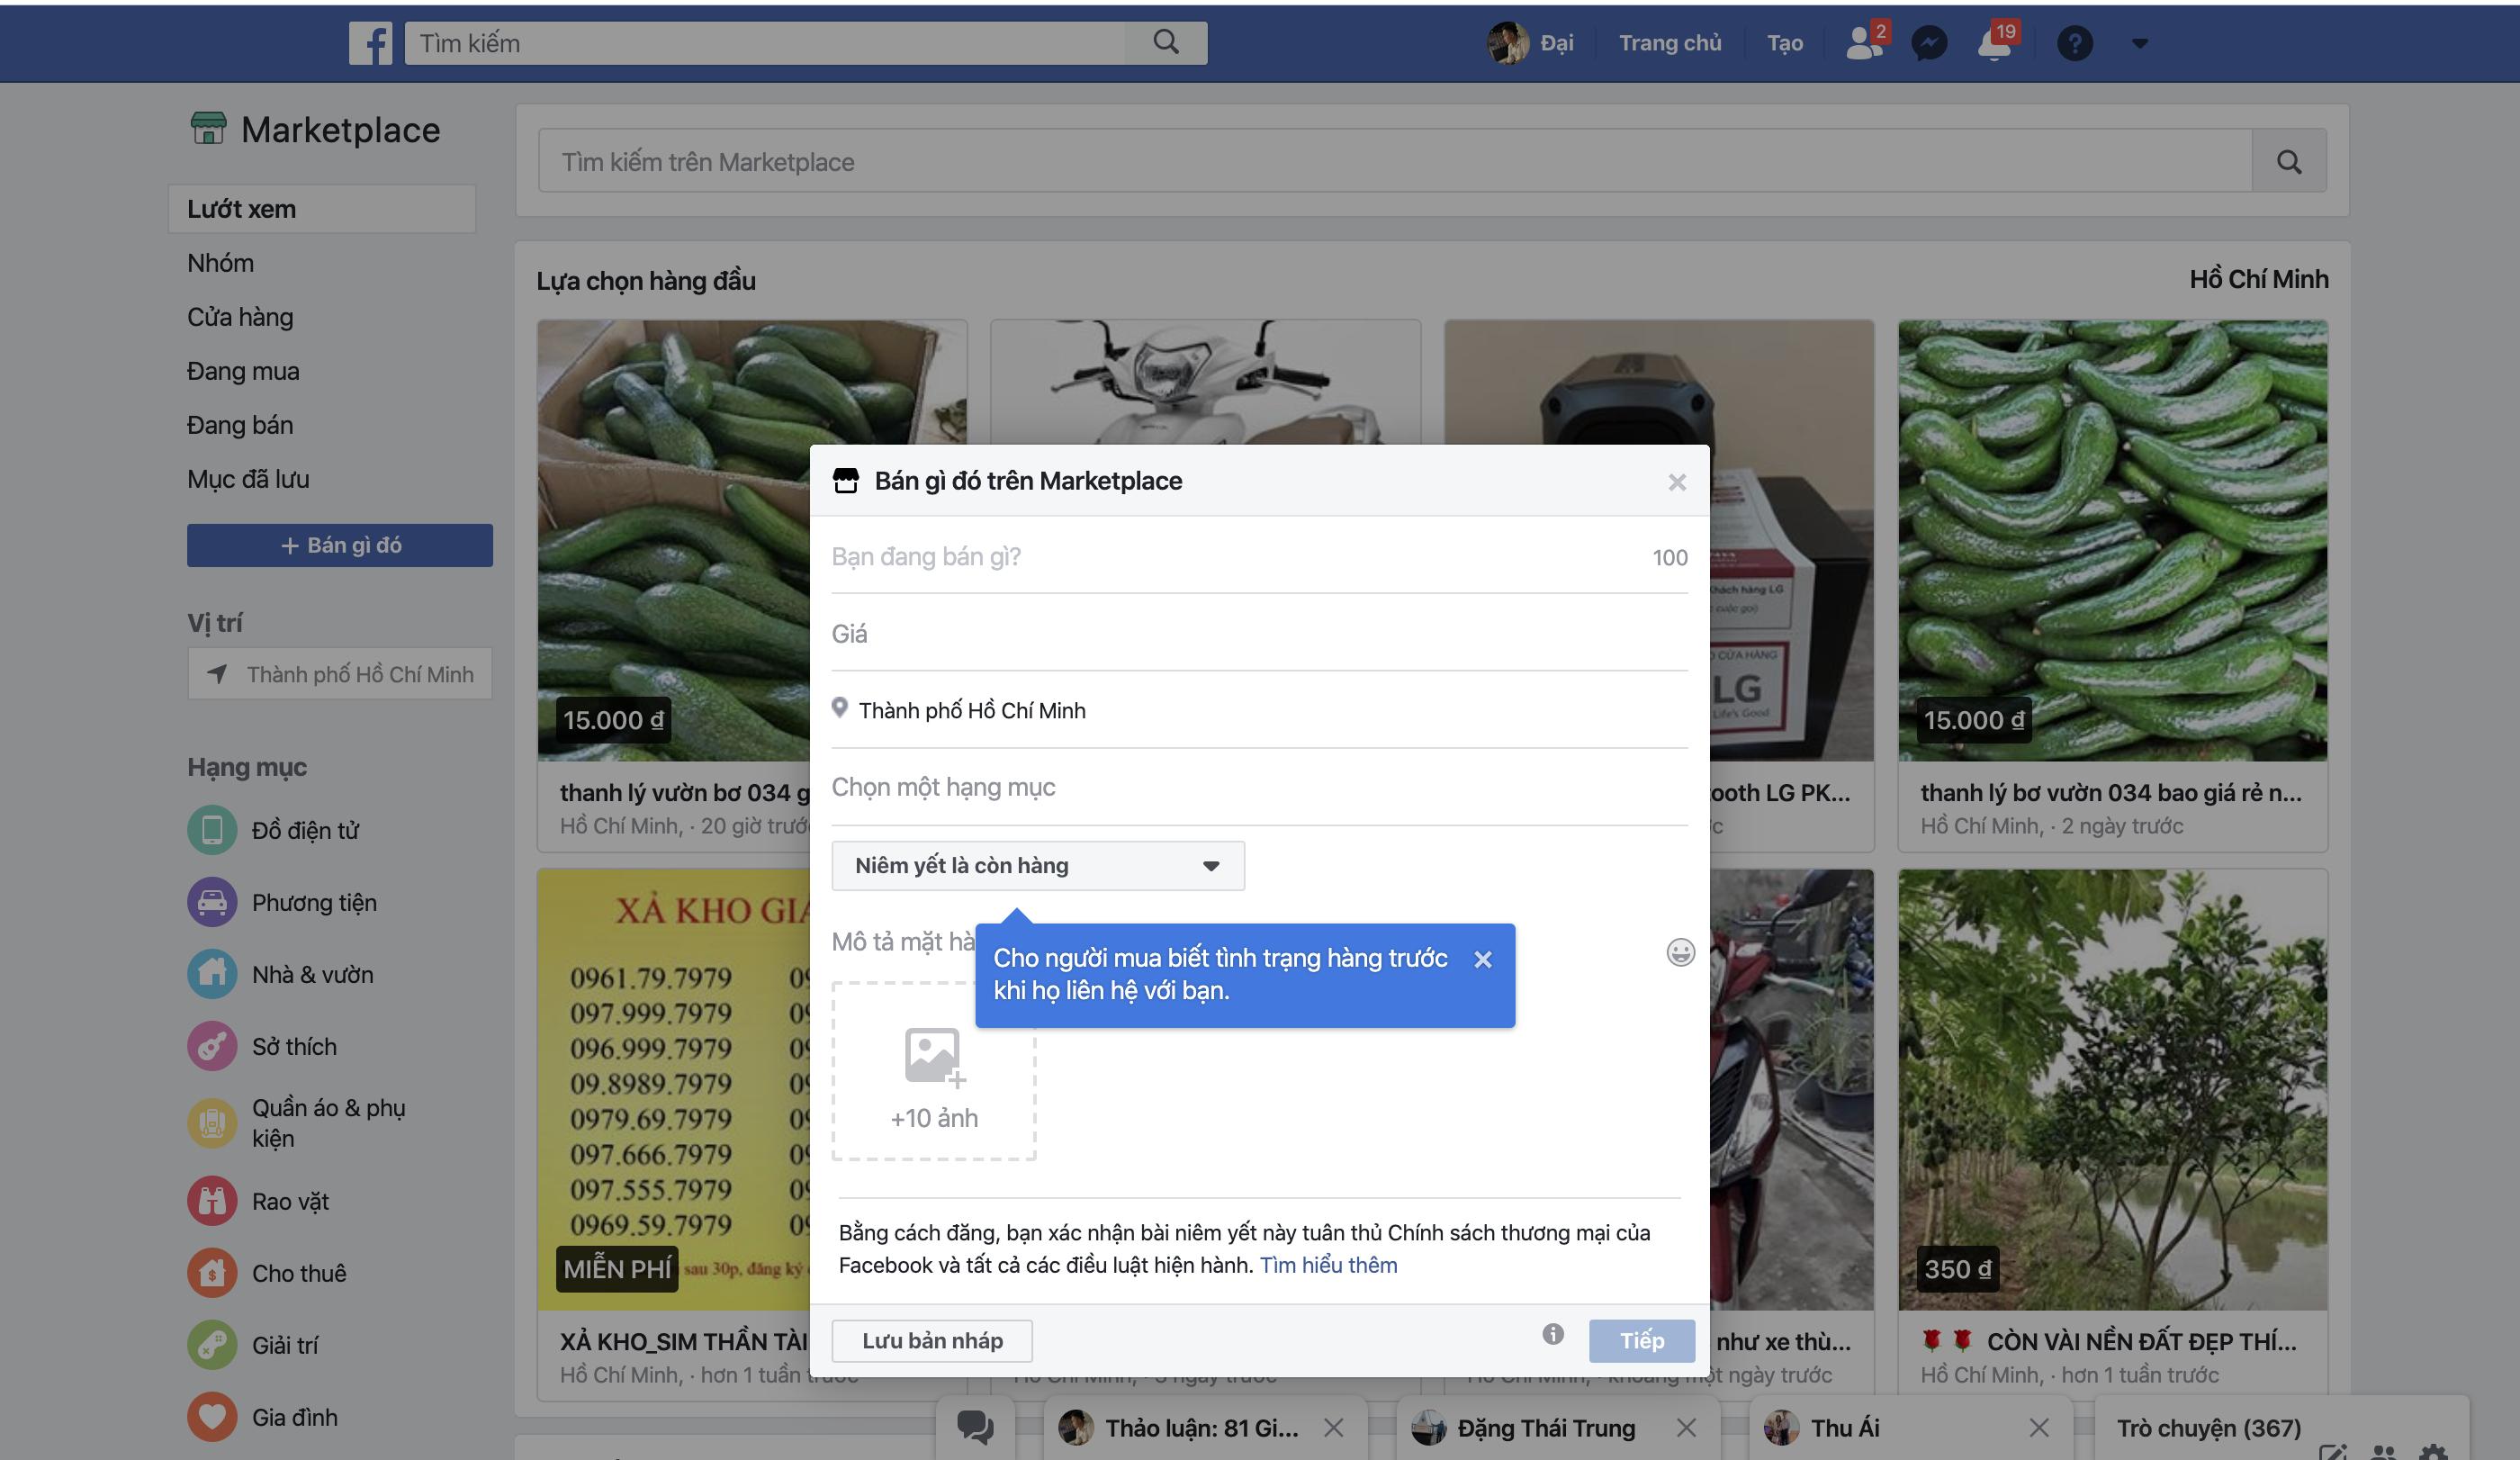 Hướng dẫn chi tiết cách đăng bài bán hàng ở Facebook Marketpalce trên điện thoại và máy tính 3